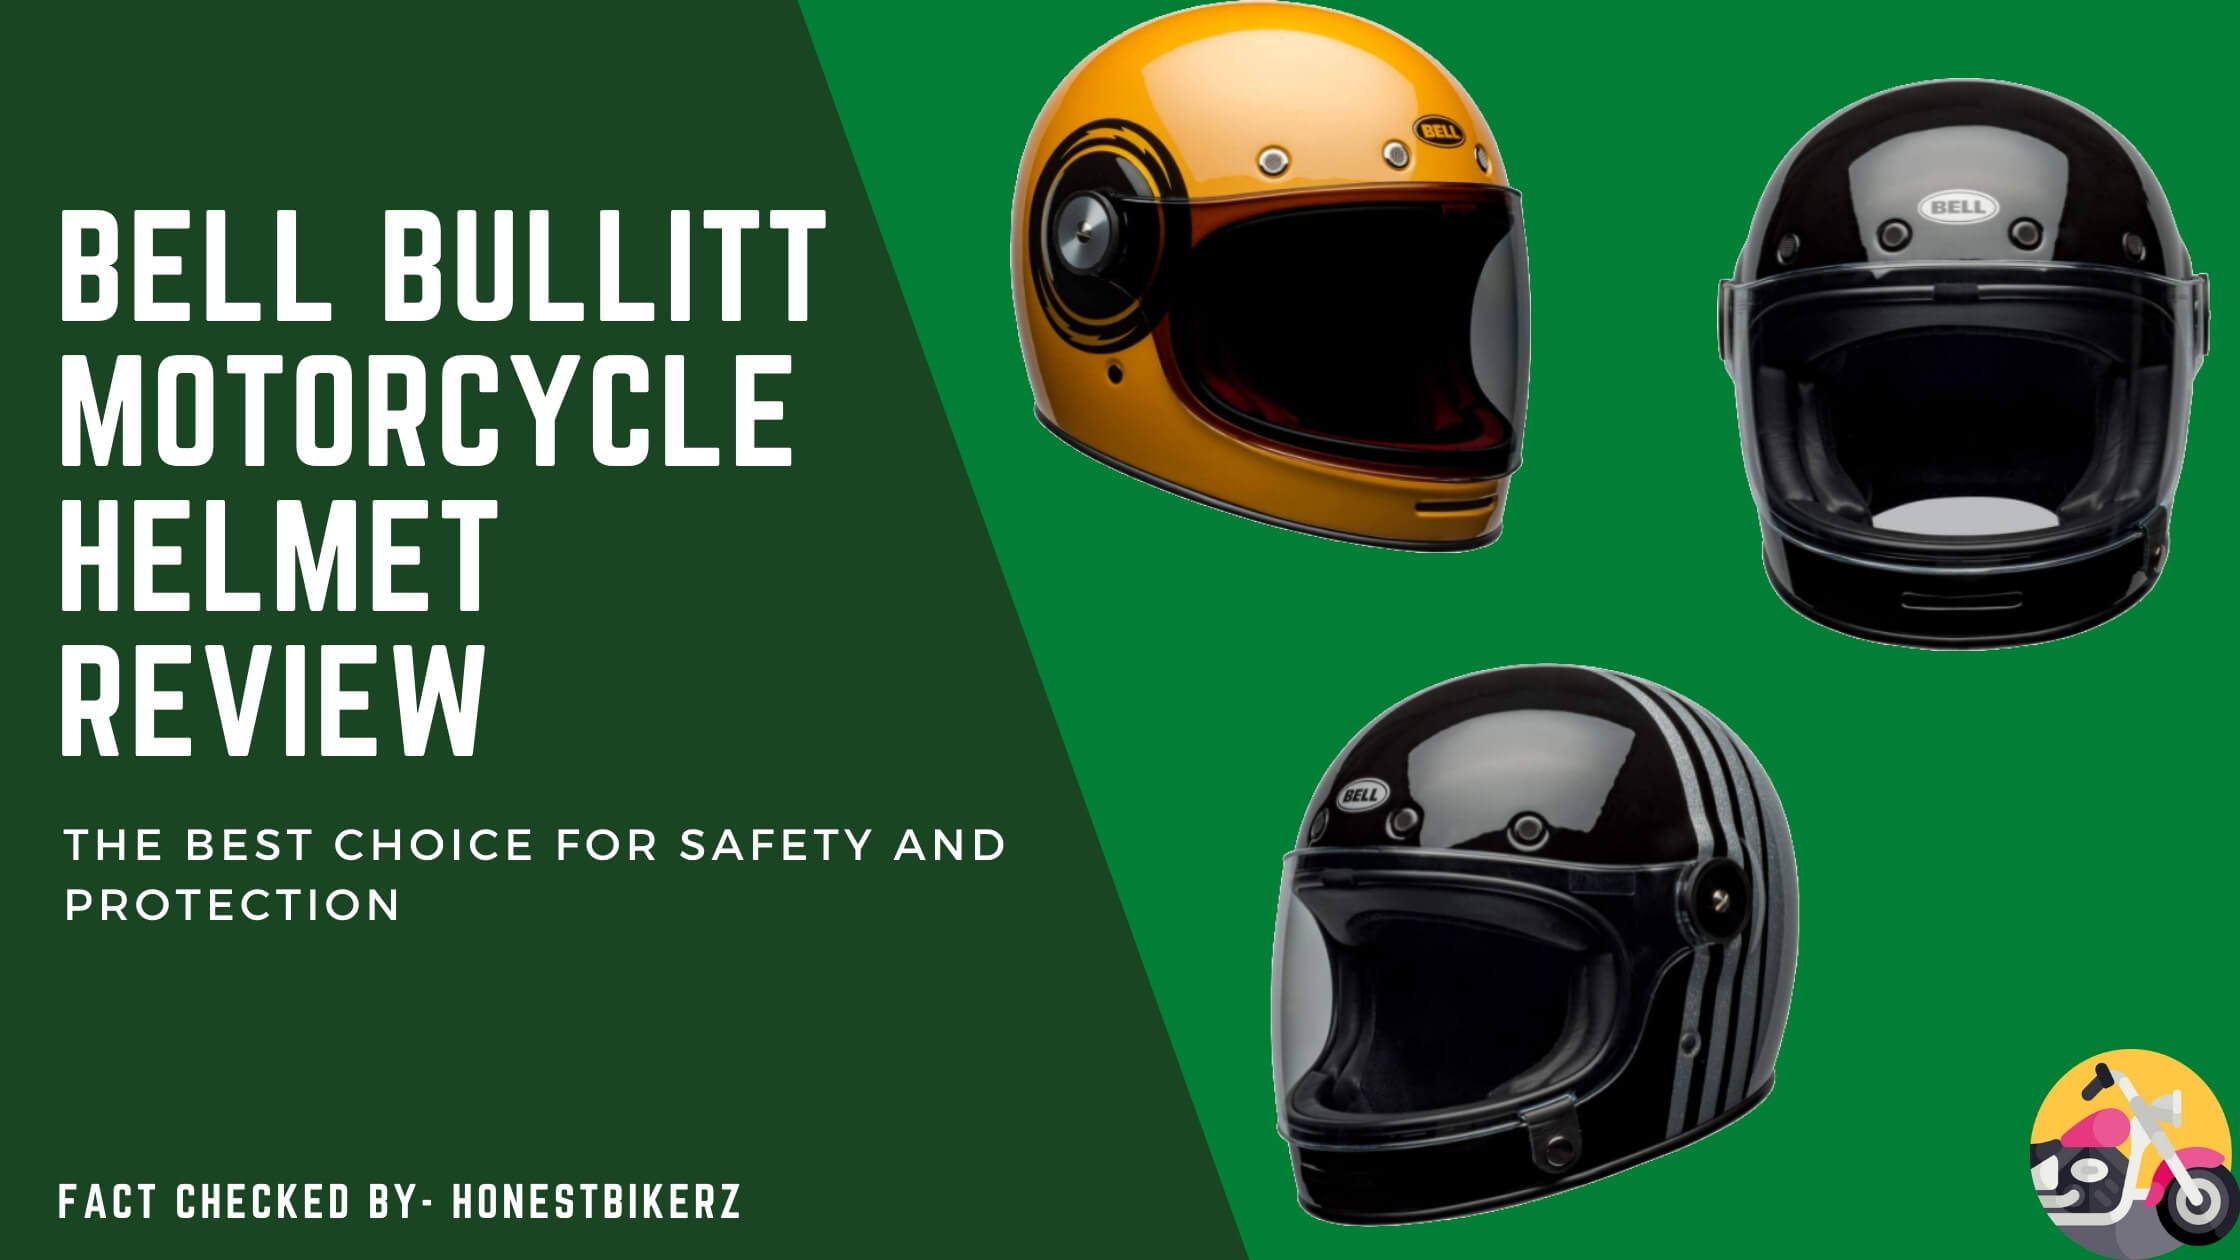 Bell Bullitt Motorcycle Helmet Reviews